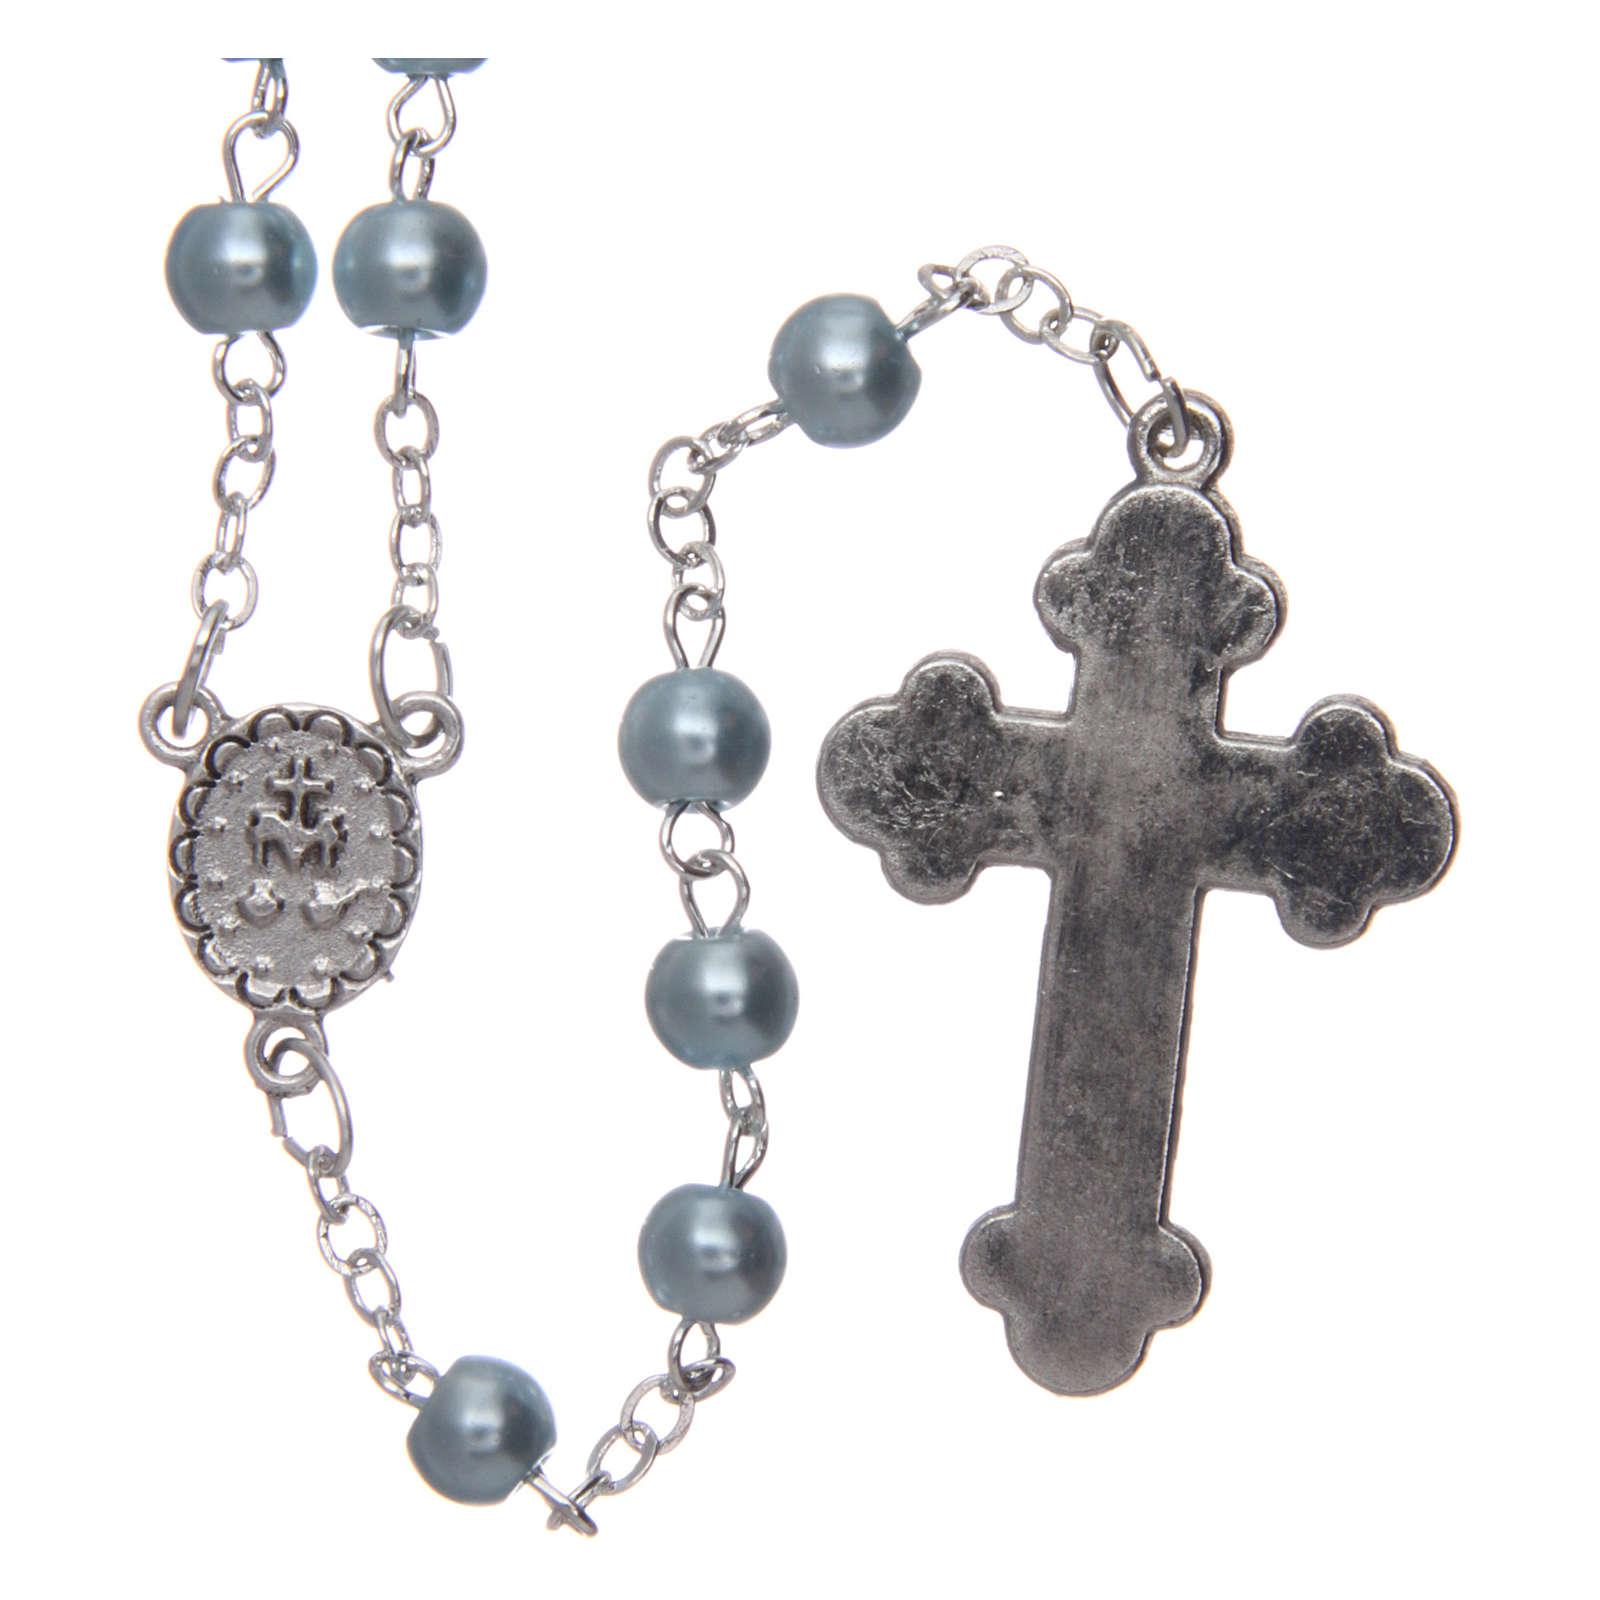 Chapelet imitation nacre rond bleu clair 5 mm croix émaillée 4